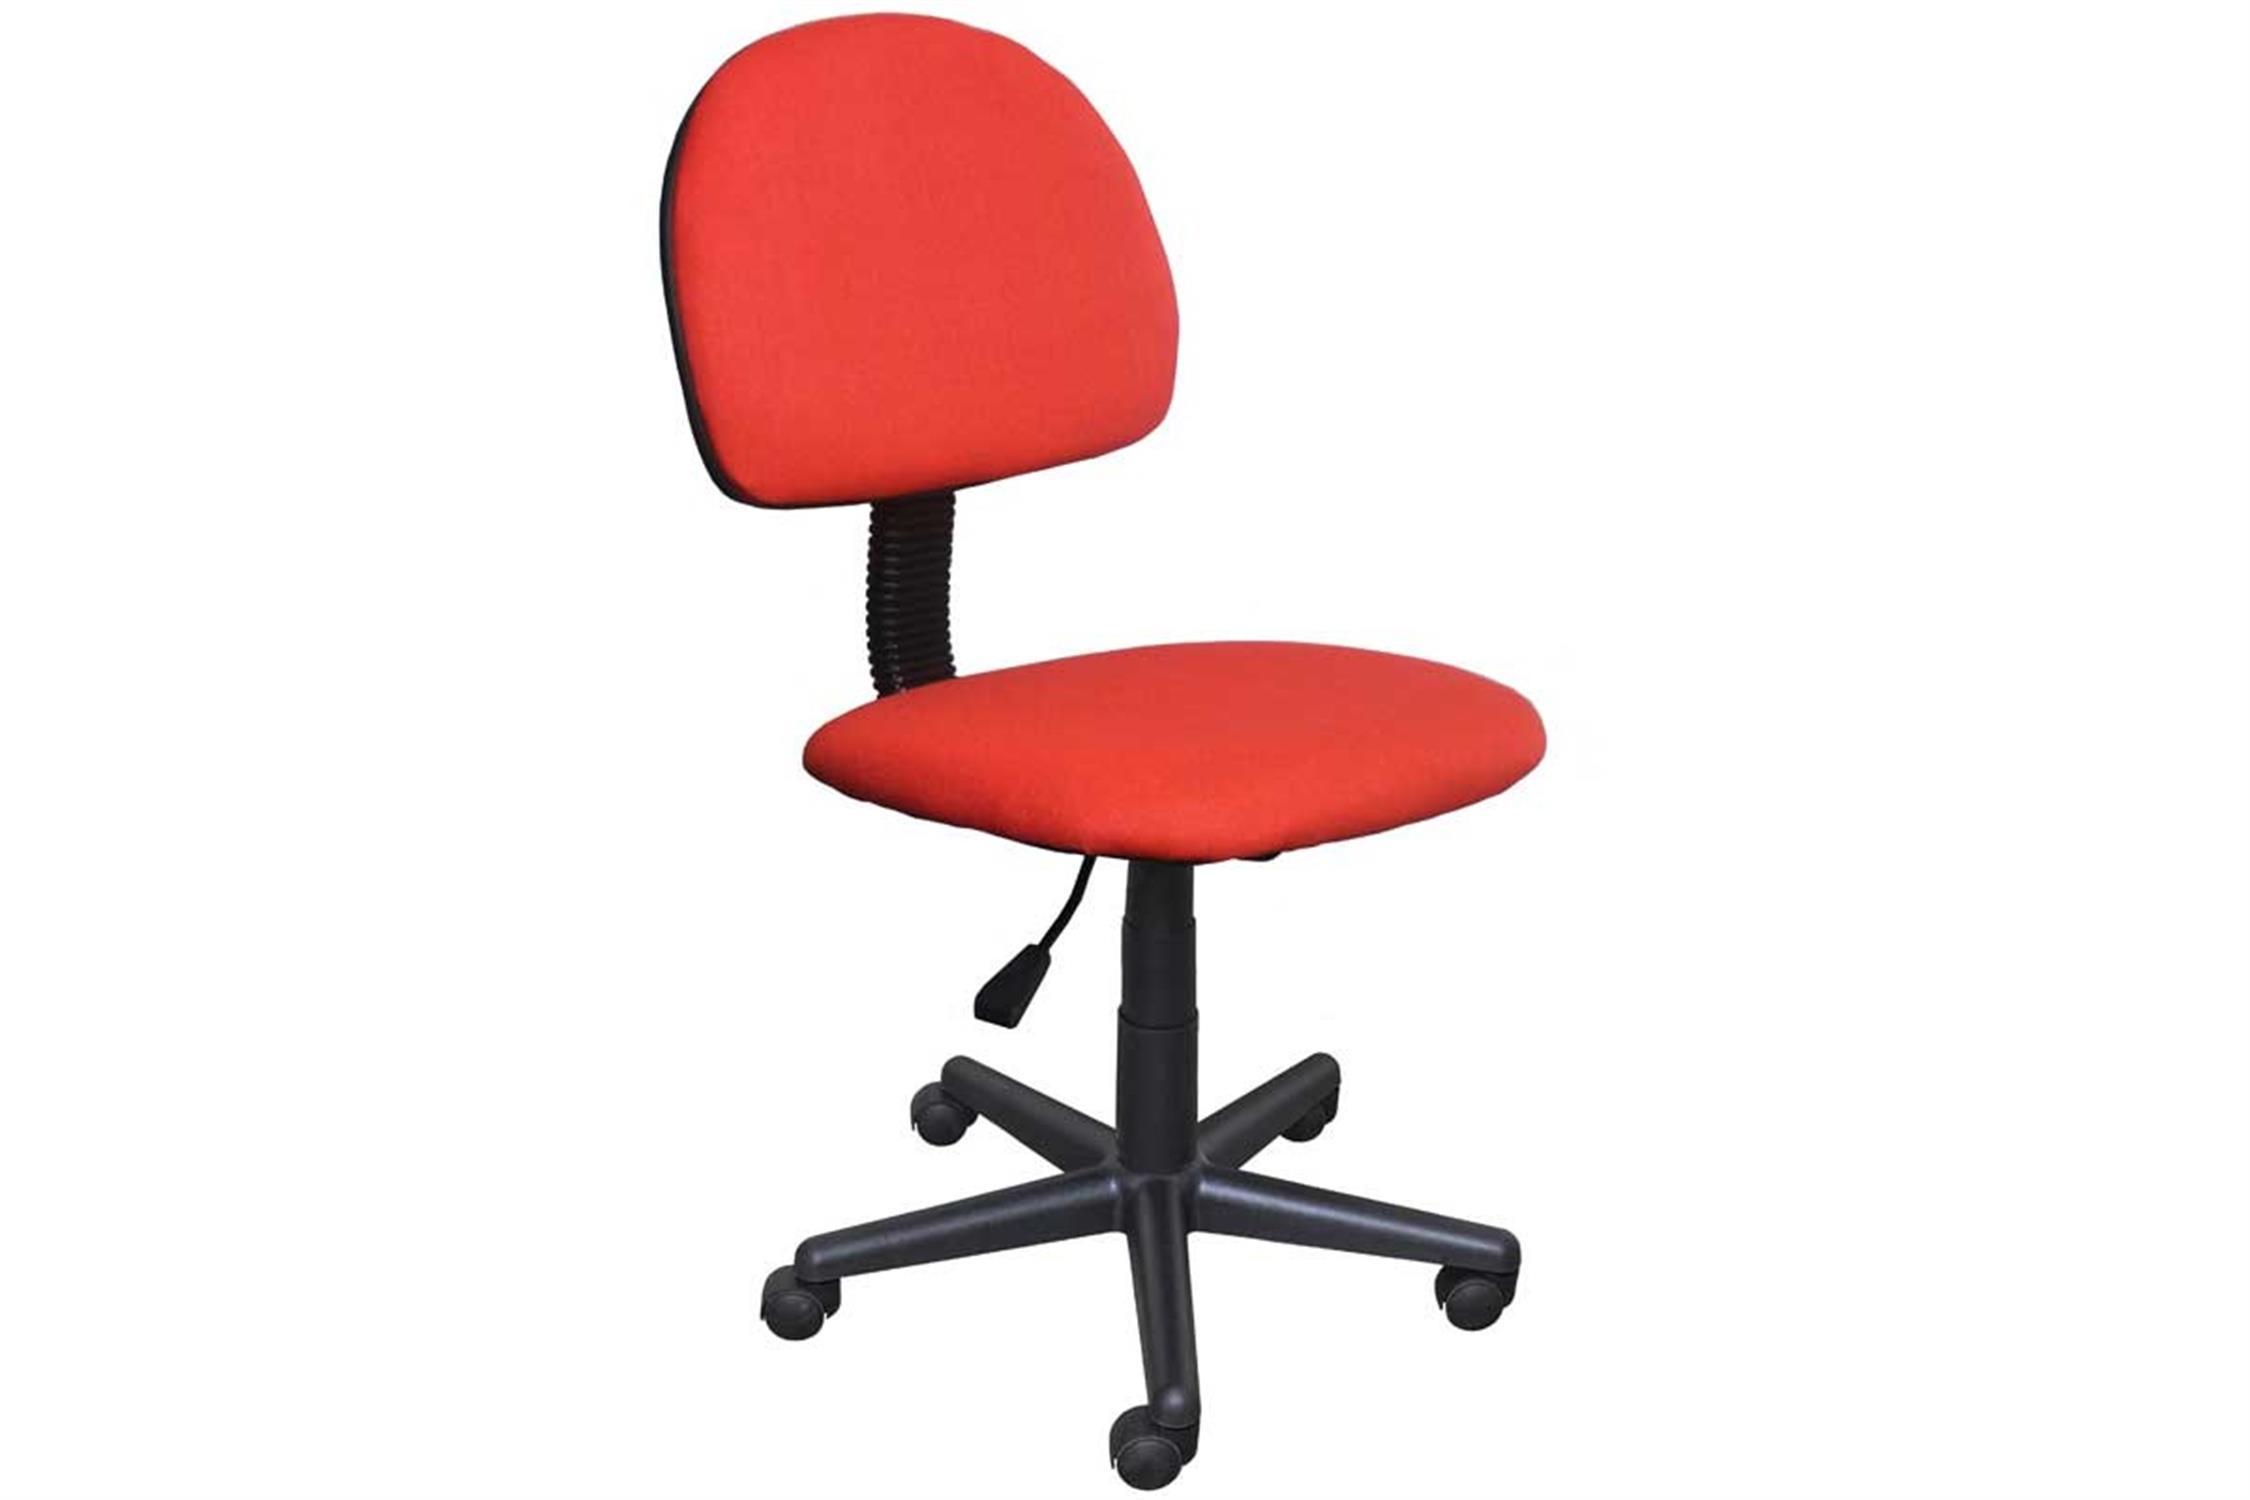 Καρέκλα γραφείου εργασίας με αμορτισέρ και υφασμάτινη επένδυση κόκκινη 41x40x81/91cm Home Plus 01.01.0564